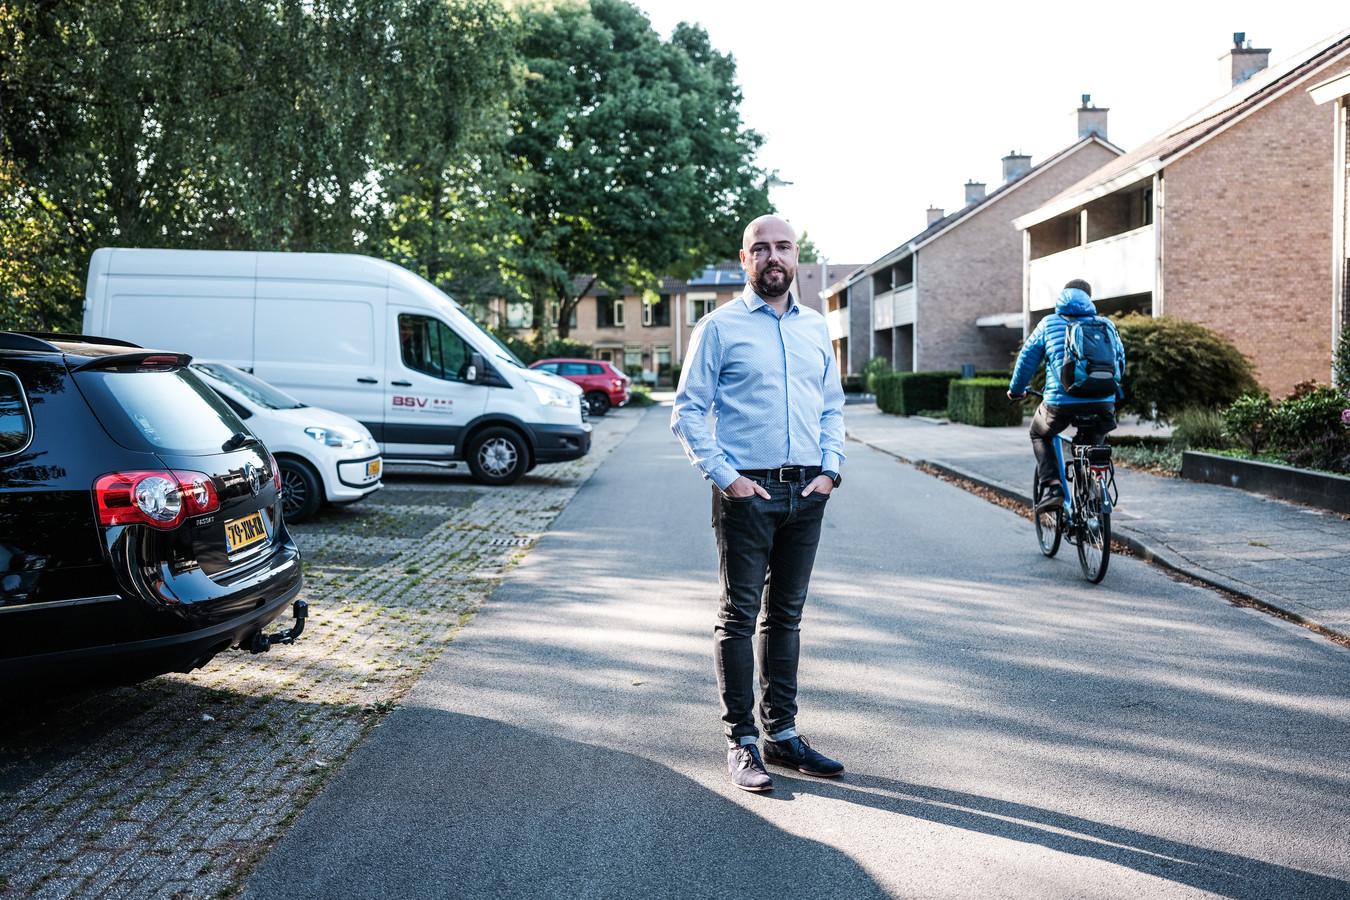 Roy Heijveld wil een openbare laadpaal vlak bij zijn huis, maar dat is makkelijker gezegd dan gedaan in de gemeente Duiven.